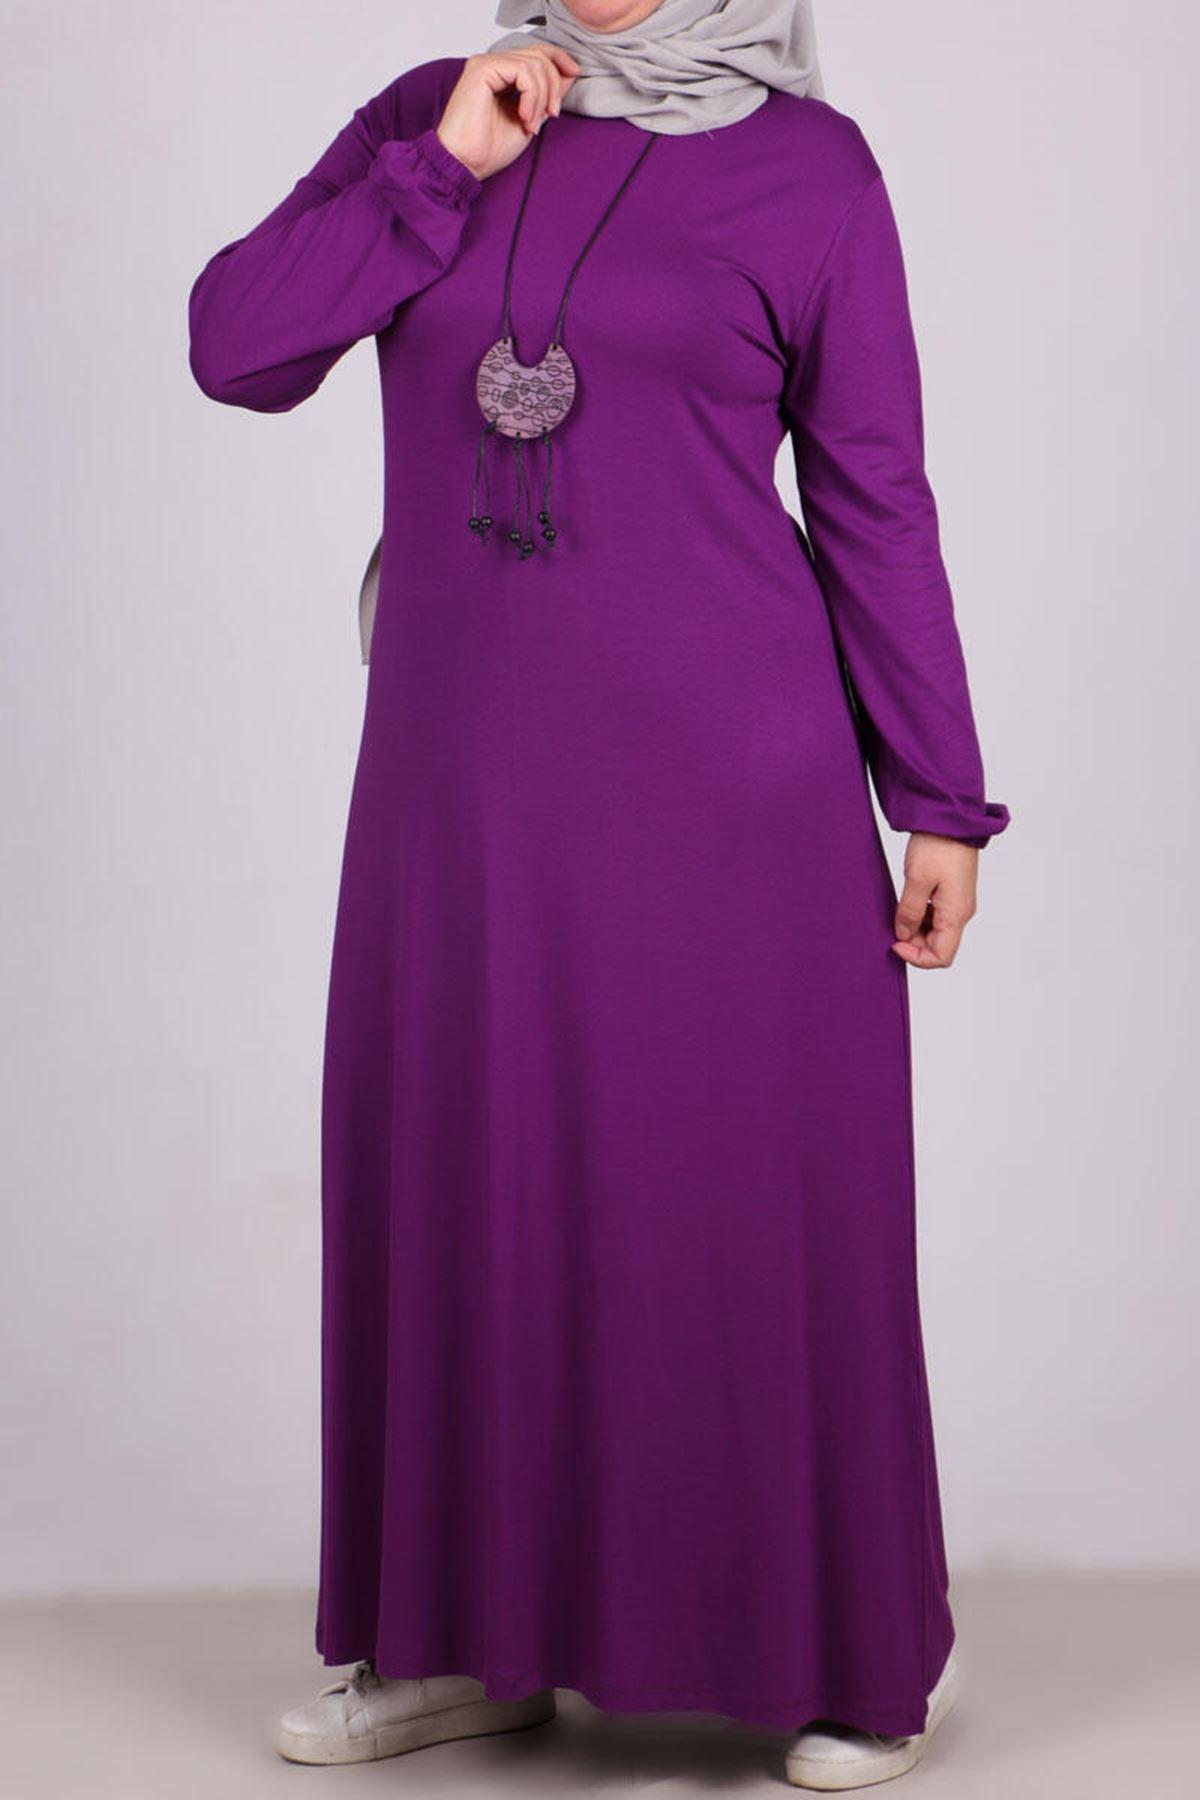 2035 فستان بأكمام مطاط مقاس كبير - ارجواني